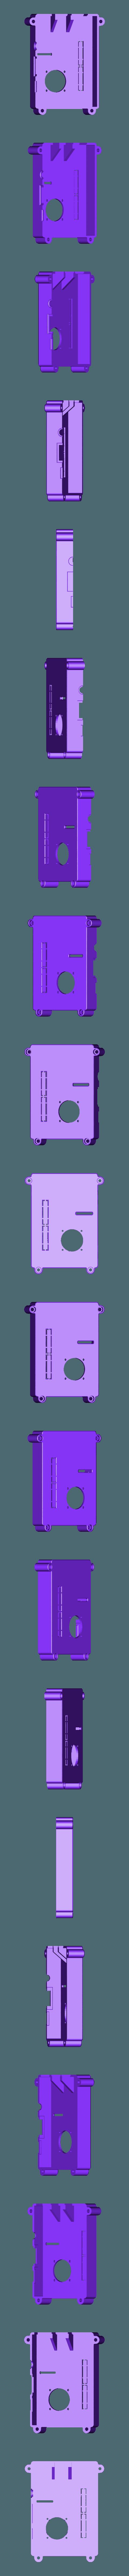 RTS-COVER-25FAN-BLANK.STL Télécharger fichier STL gratuit Raspberry Pi Étui officiel pour écran tactile Raspberry Pi • Modèle pour imprimante 3D, mkellsy